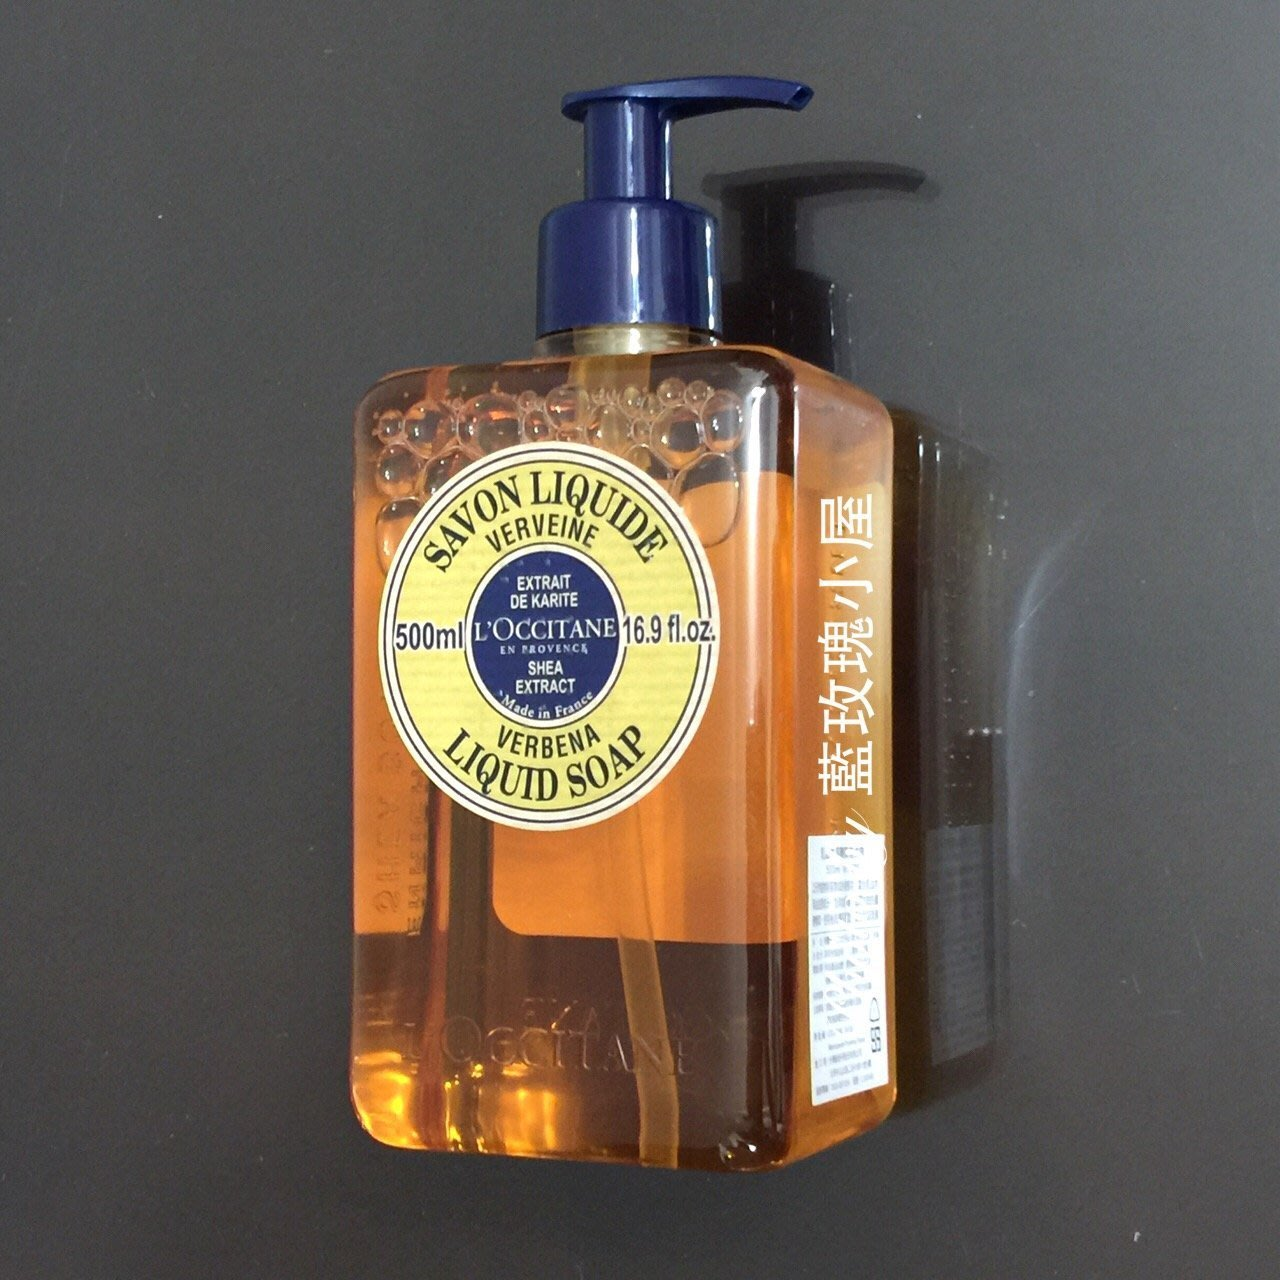 ?歐舒丹 乳油木馬鞭草液式皂500ml(期限2022)?百貨專櫃貨~溫和沐浴乳,洗手洗衣皆可,另售補充包♫藍玫瑰小屋♫